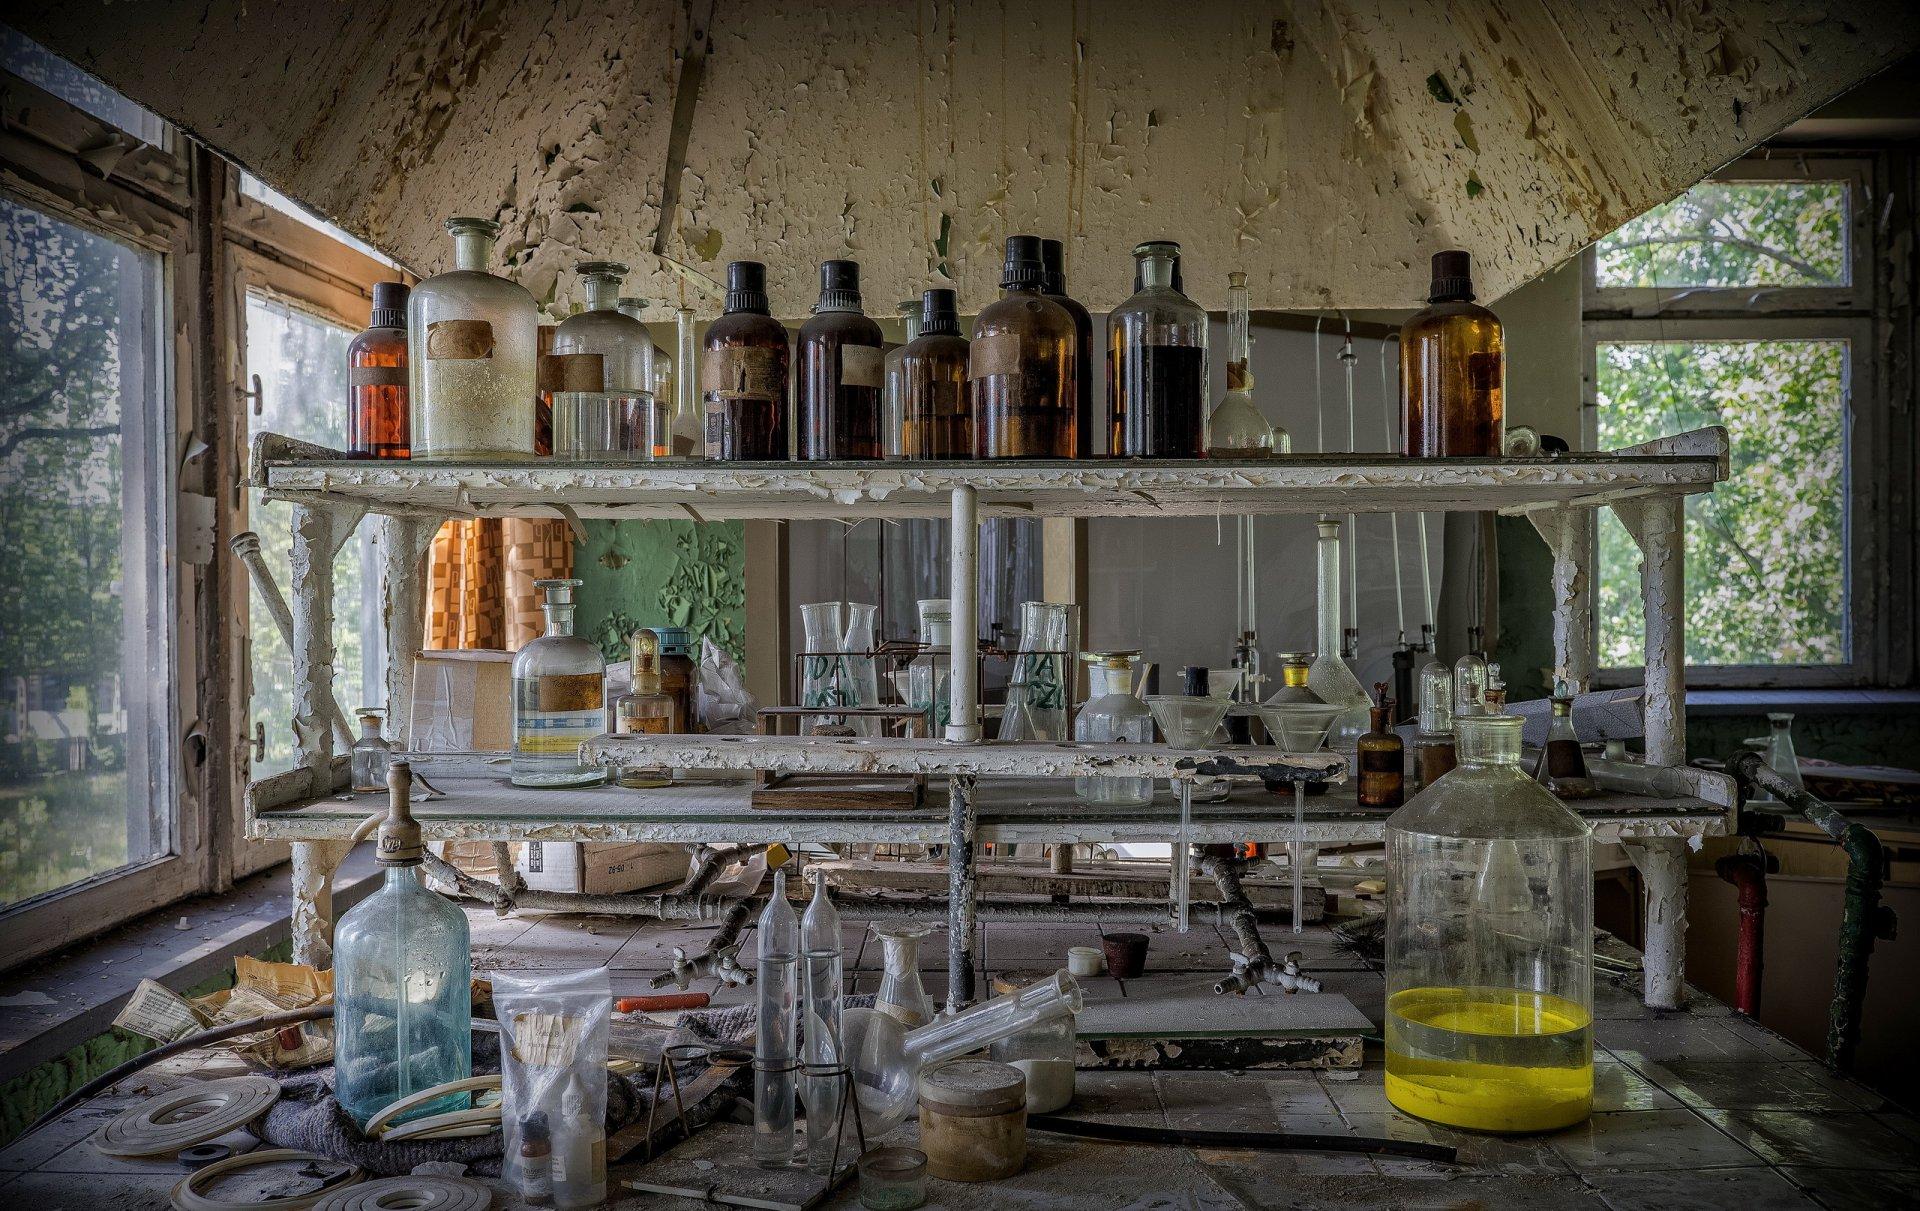 будущий зять фотолаборатория садится химия баре отеля течение